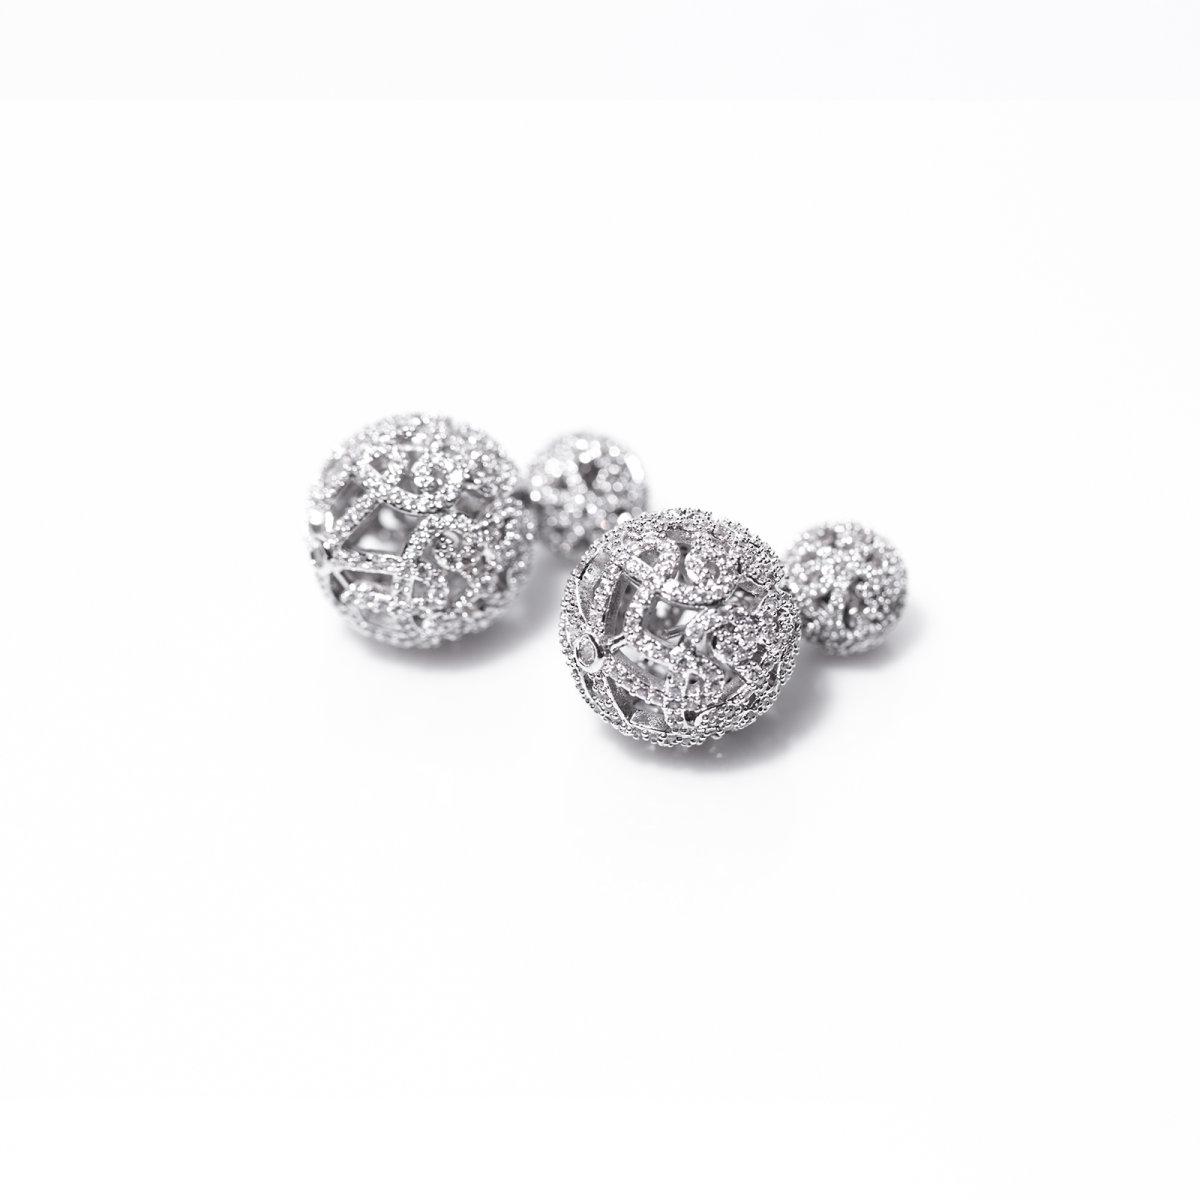 Cercei eleganti cu cristale de zirconiu cubic Argintiu